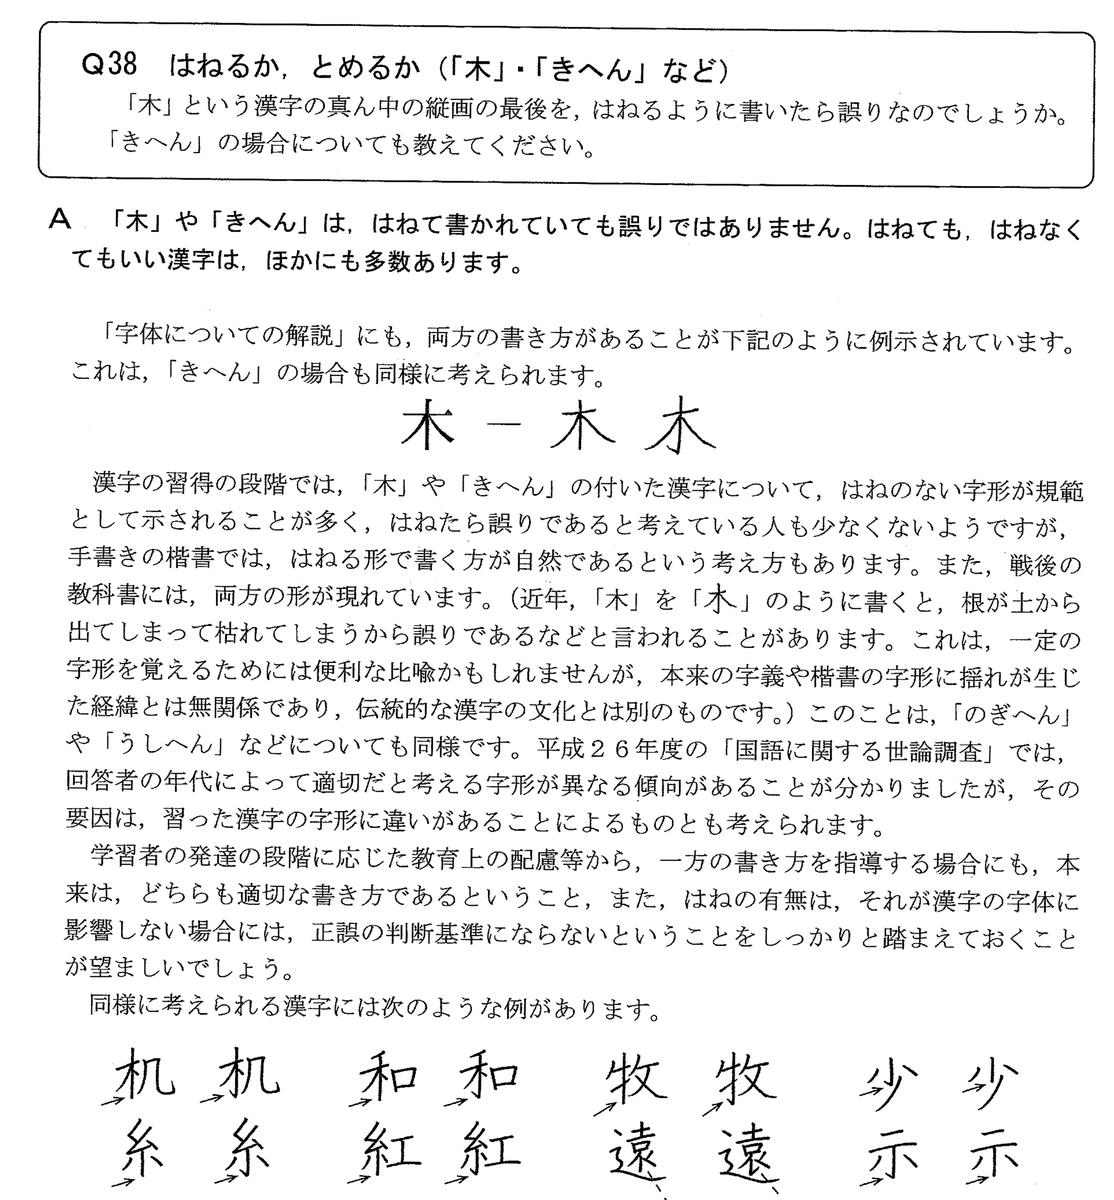 f:id:chikaratookamati:20210411173108j:plain